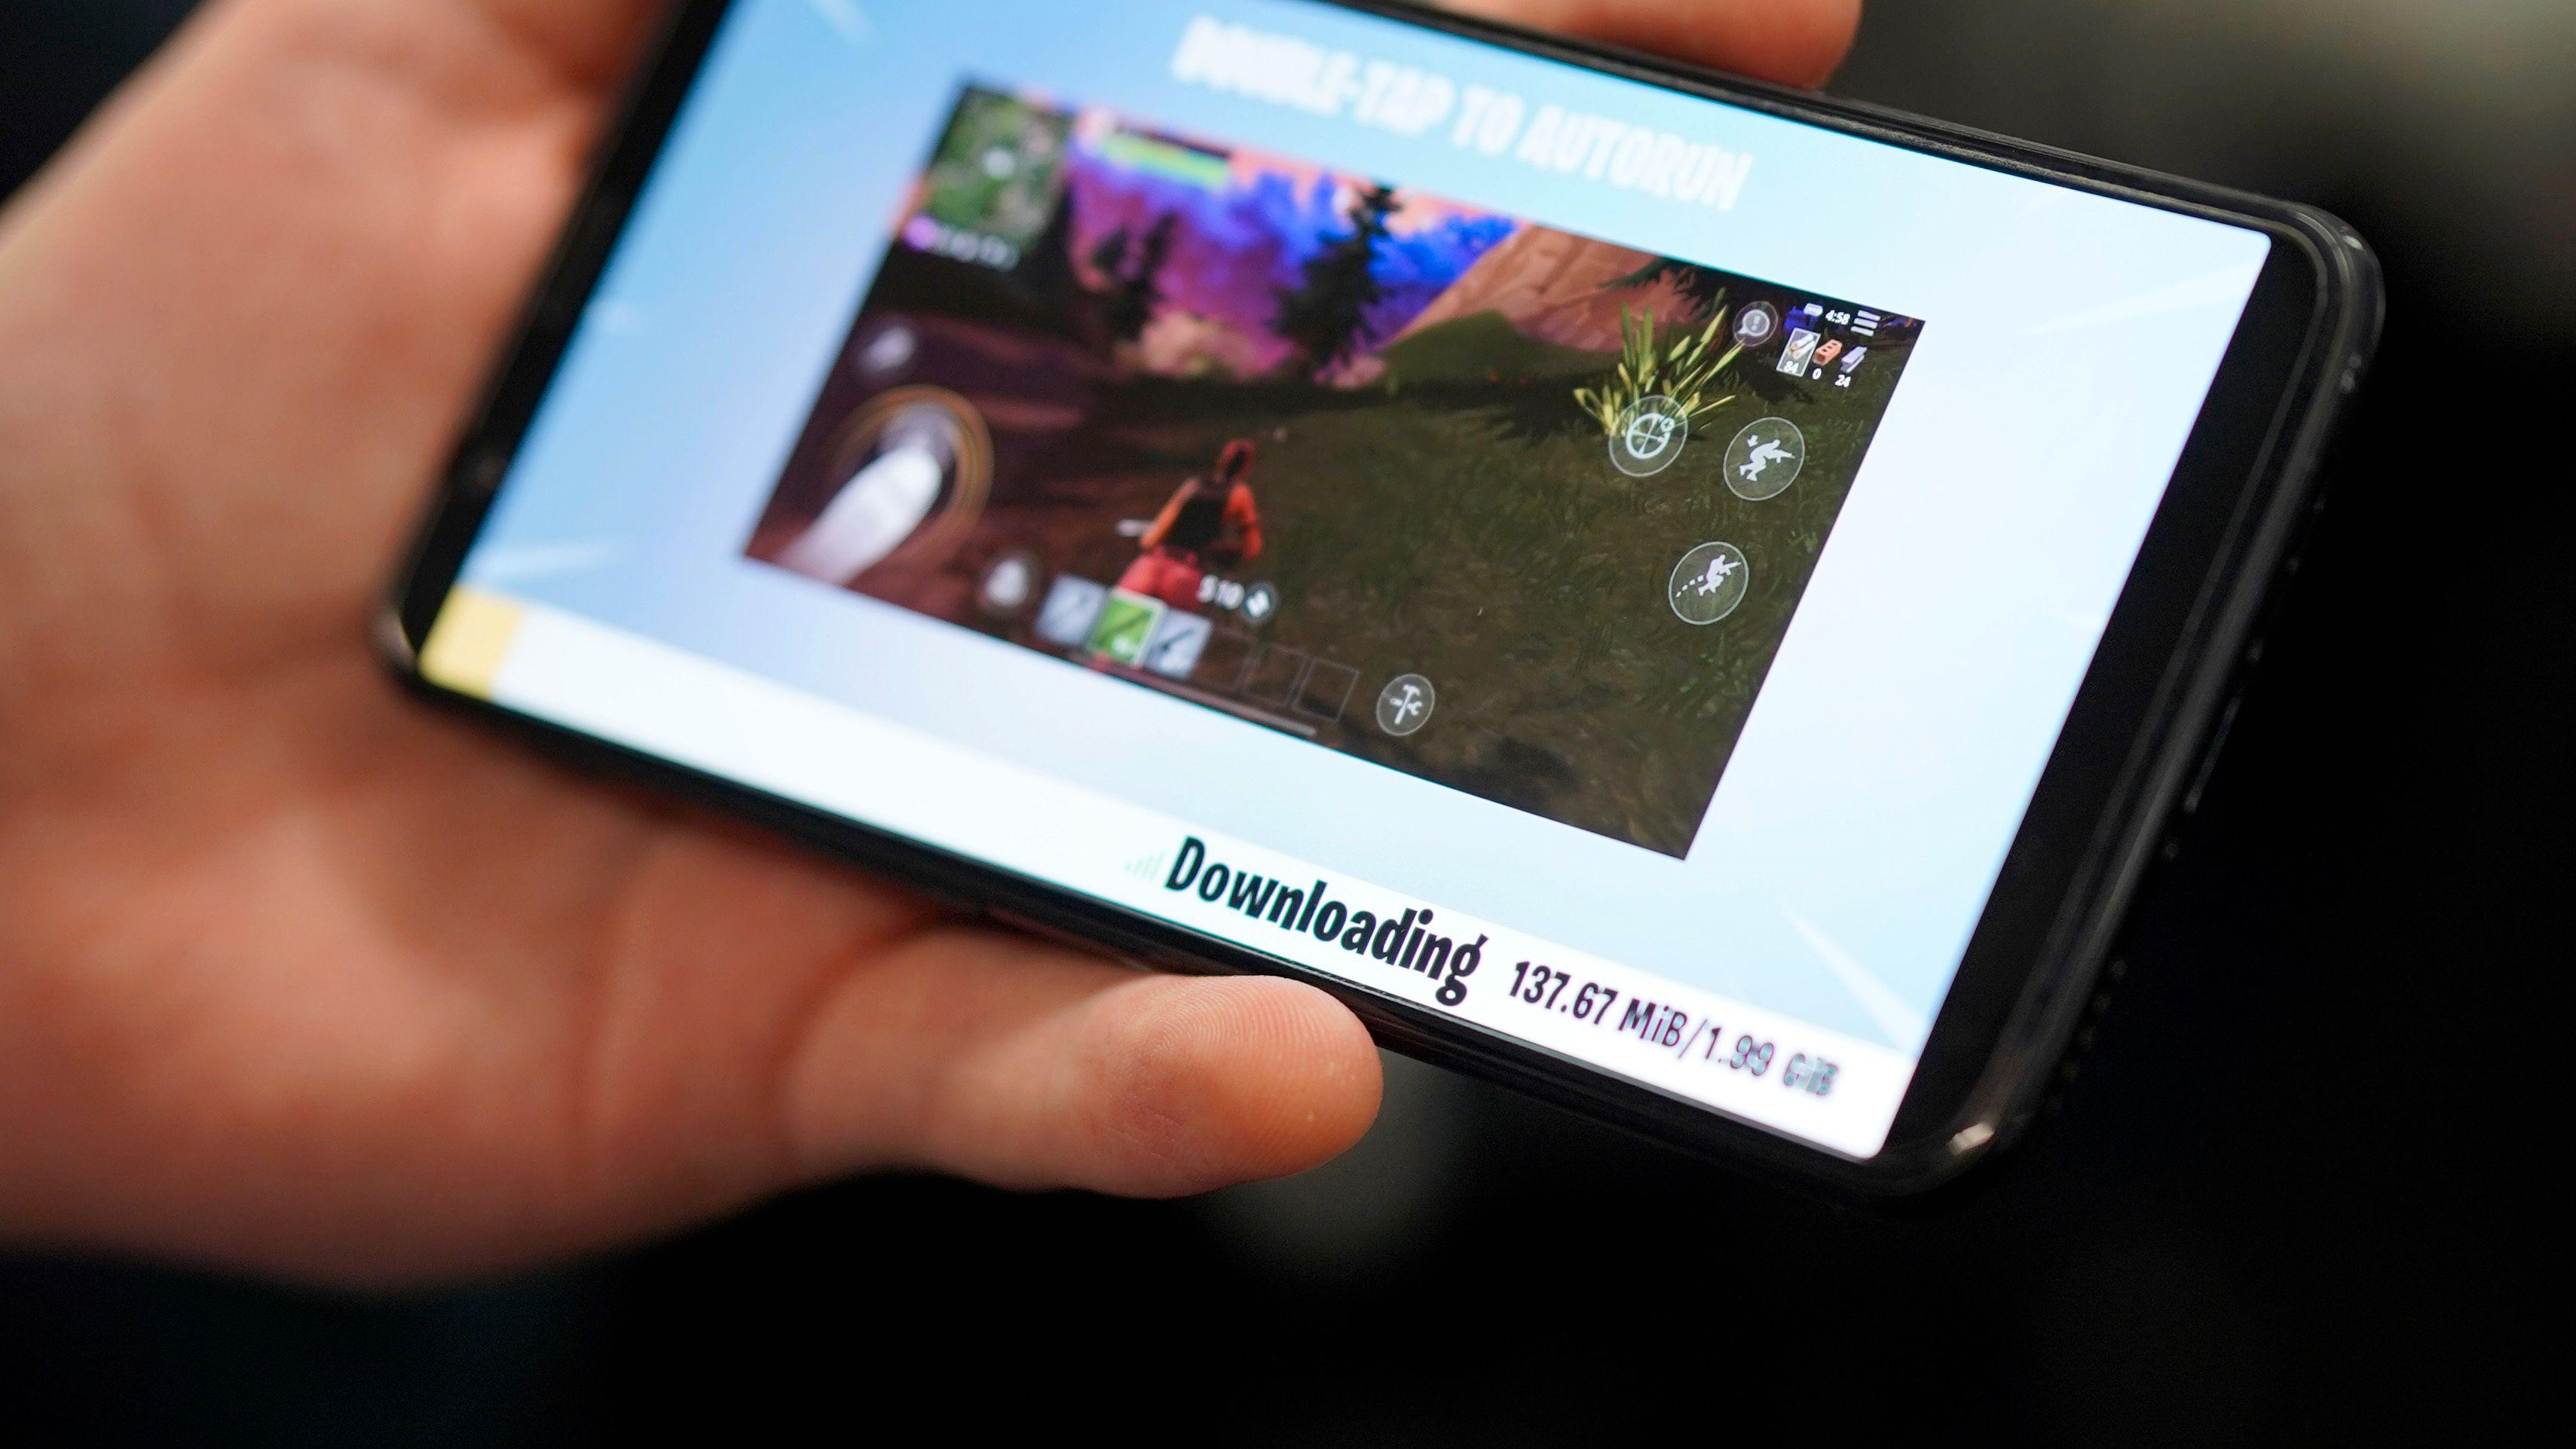 Selve app-installasjonen går fort unna, men å laste ned innholdet kan ta sin tid, avhengig av nettlinja di.